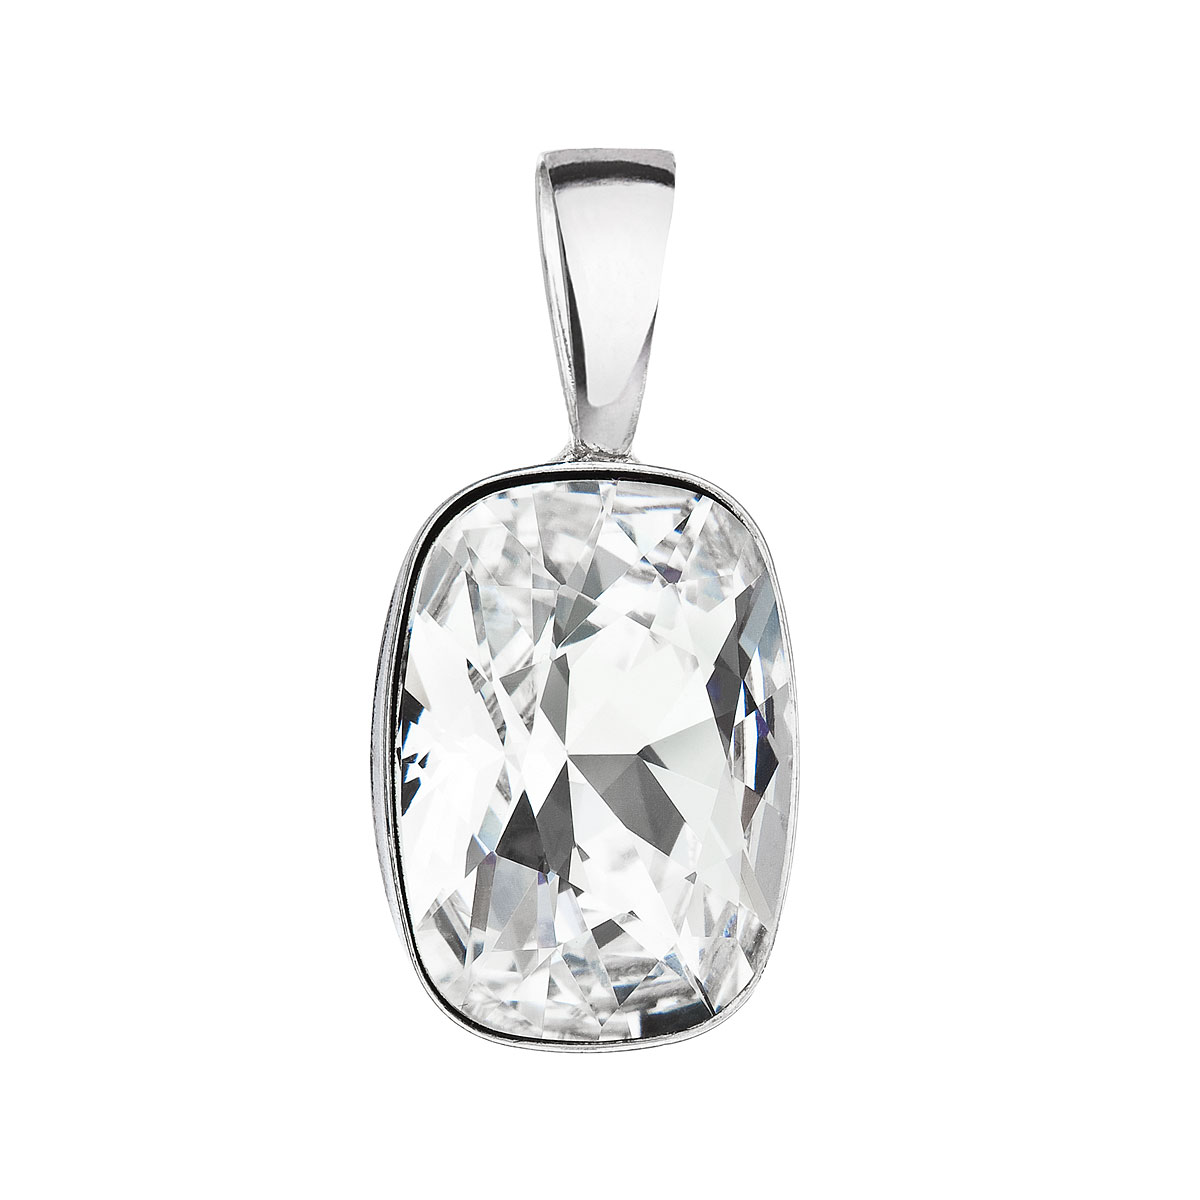 Stříbrný přívěsek s krystaly Swarovski bílý obdélník 34244.1